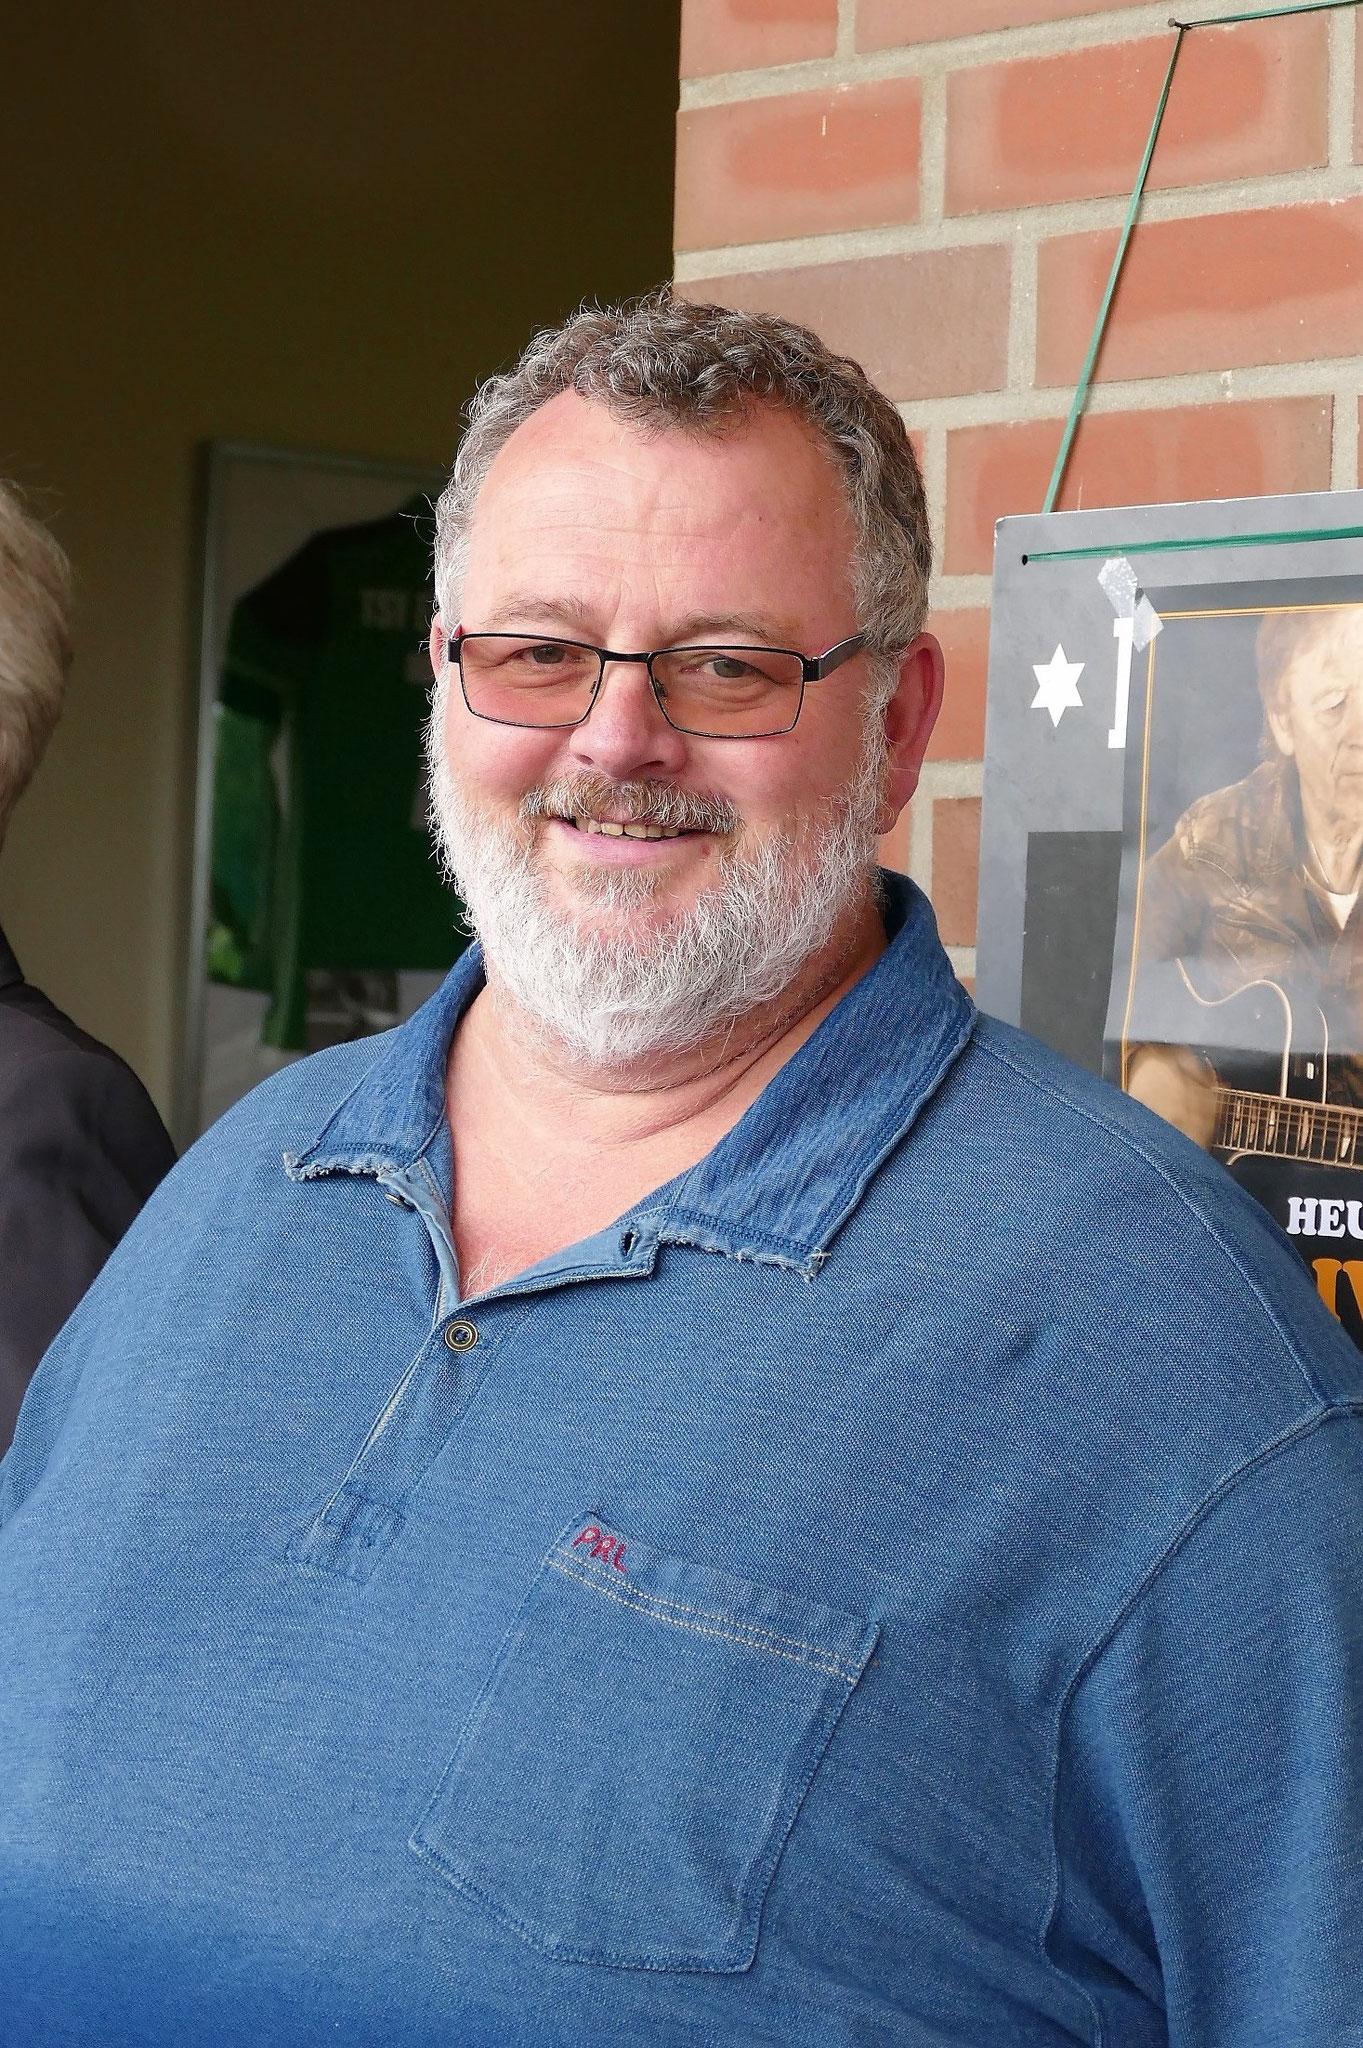 ... und Gastgeber Dirk Ringel, Firma Ringel Malermeister aus Rübke